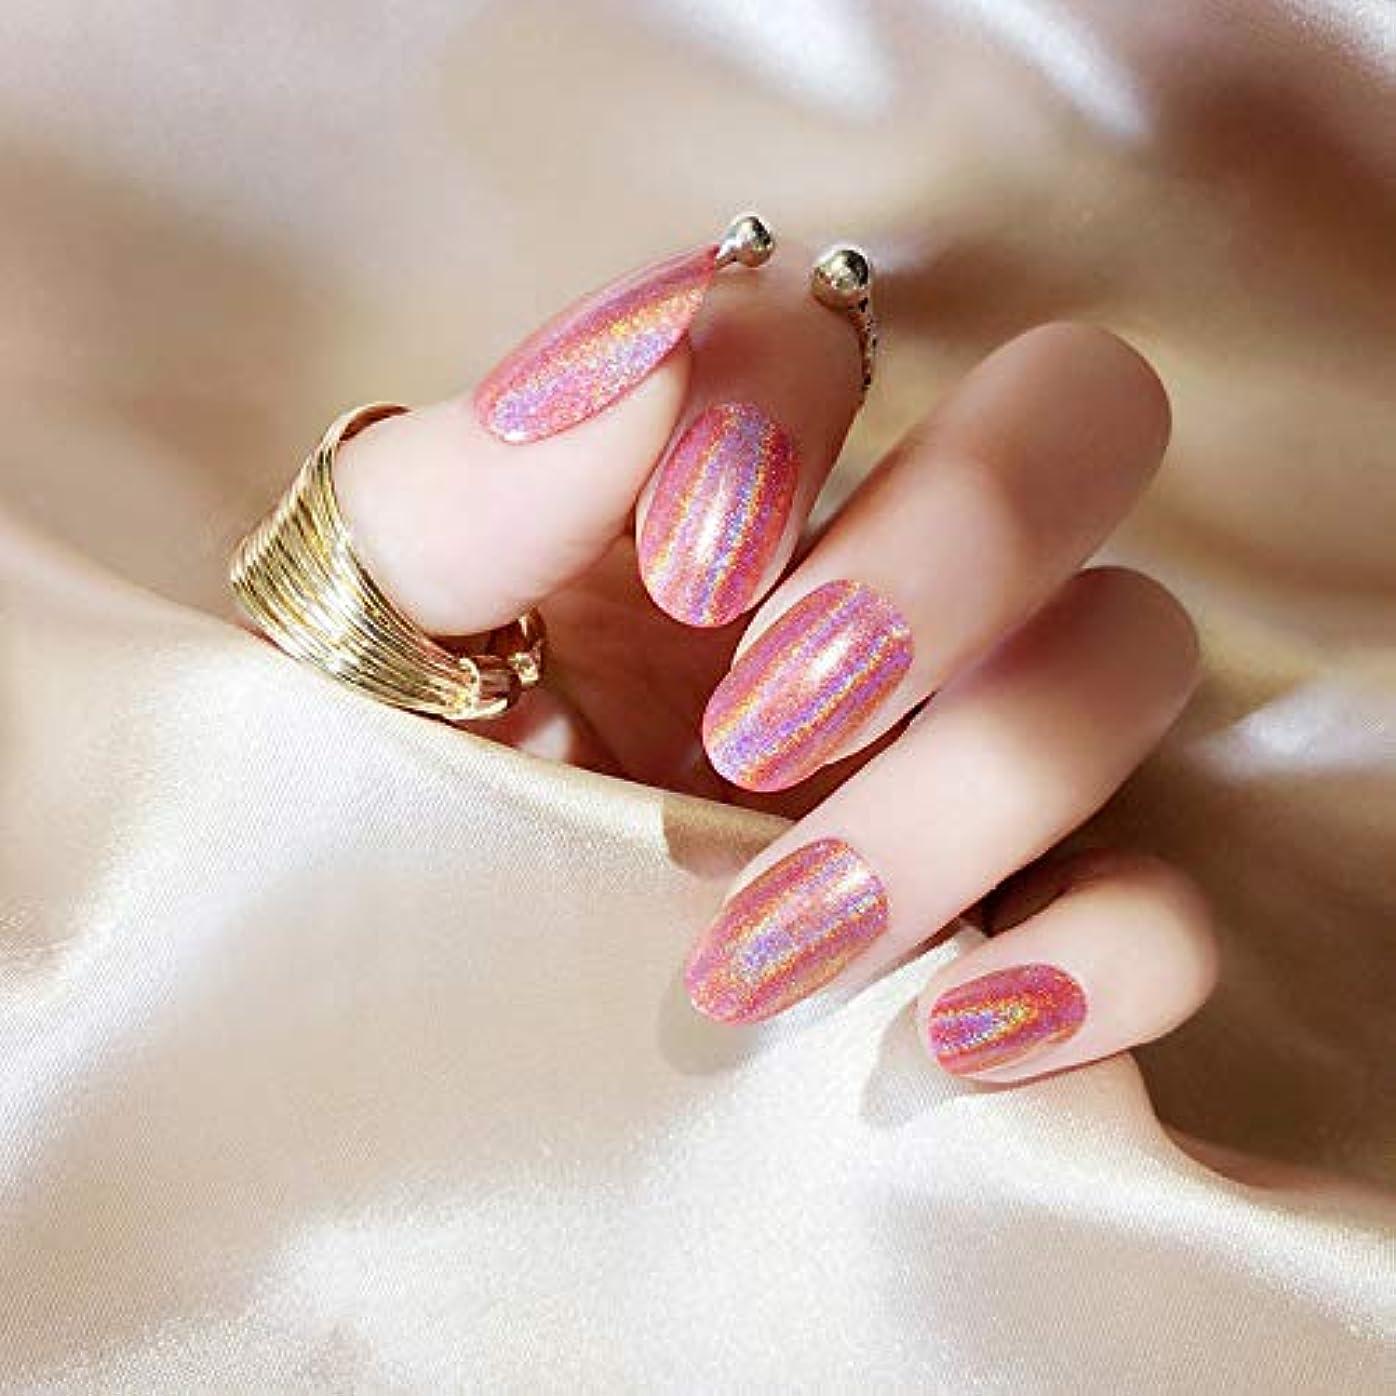 希少性誰でも東質感 彩がつく 24枚純色付け爪 ネイル貼るだけネイルチップ レーザー 多重光沢 お花嫁付け爪 ジェルネイルの光疗法 シンフォニー (桜ピンク)